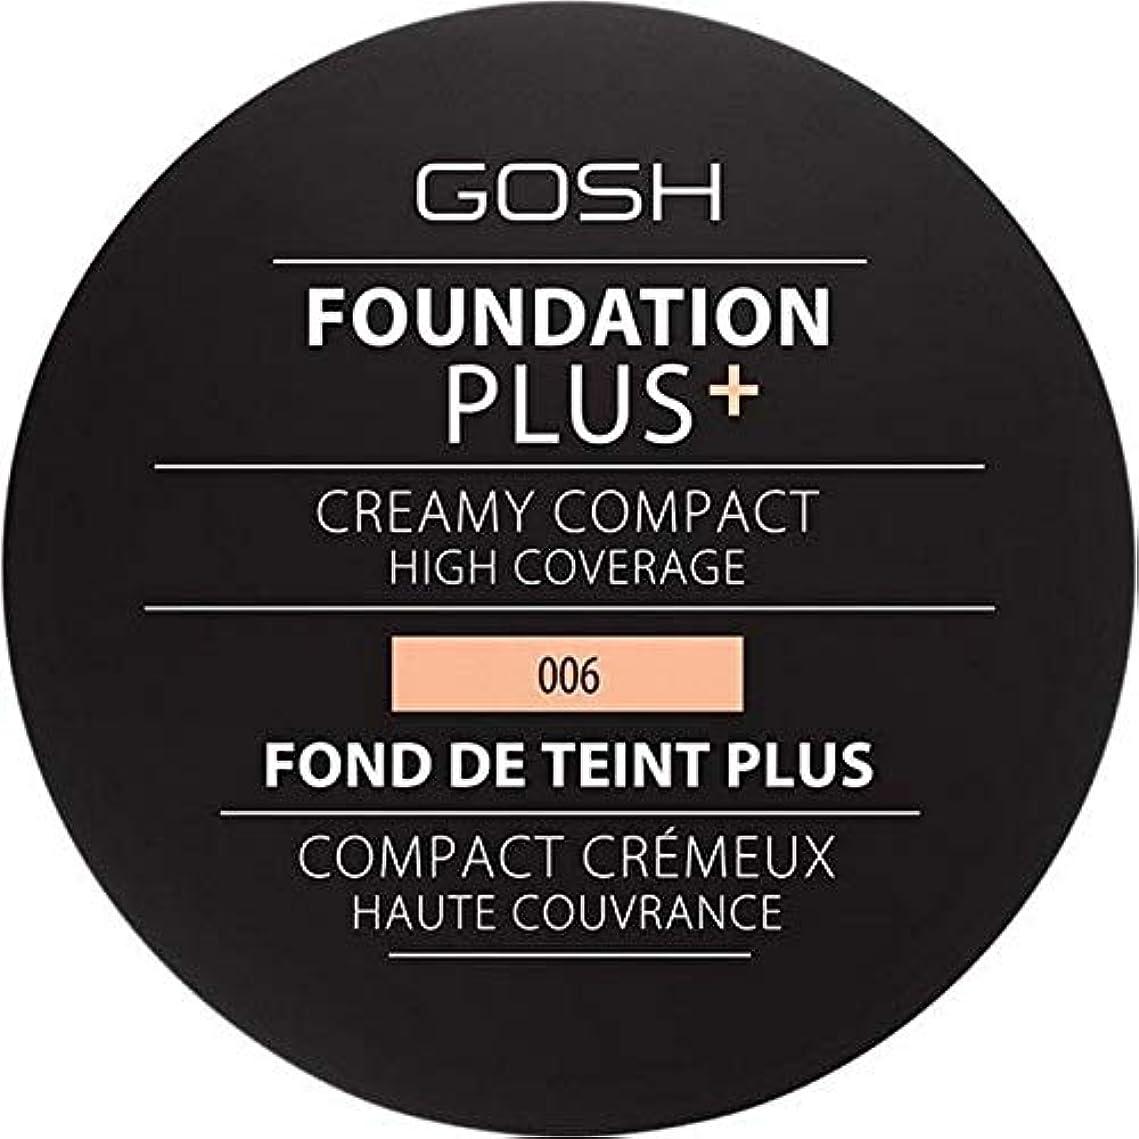 選挙小屋[GOSH ] 基礎プラス+クリーミーコンパクト蜂蜜006 - Foundation Plus+ Creamy Compact Honey 006 [並行輸入品]